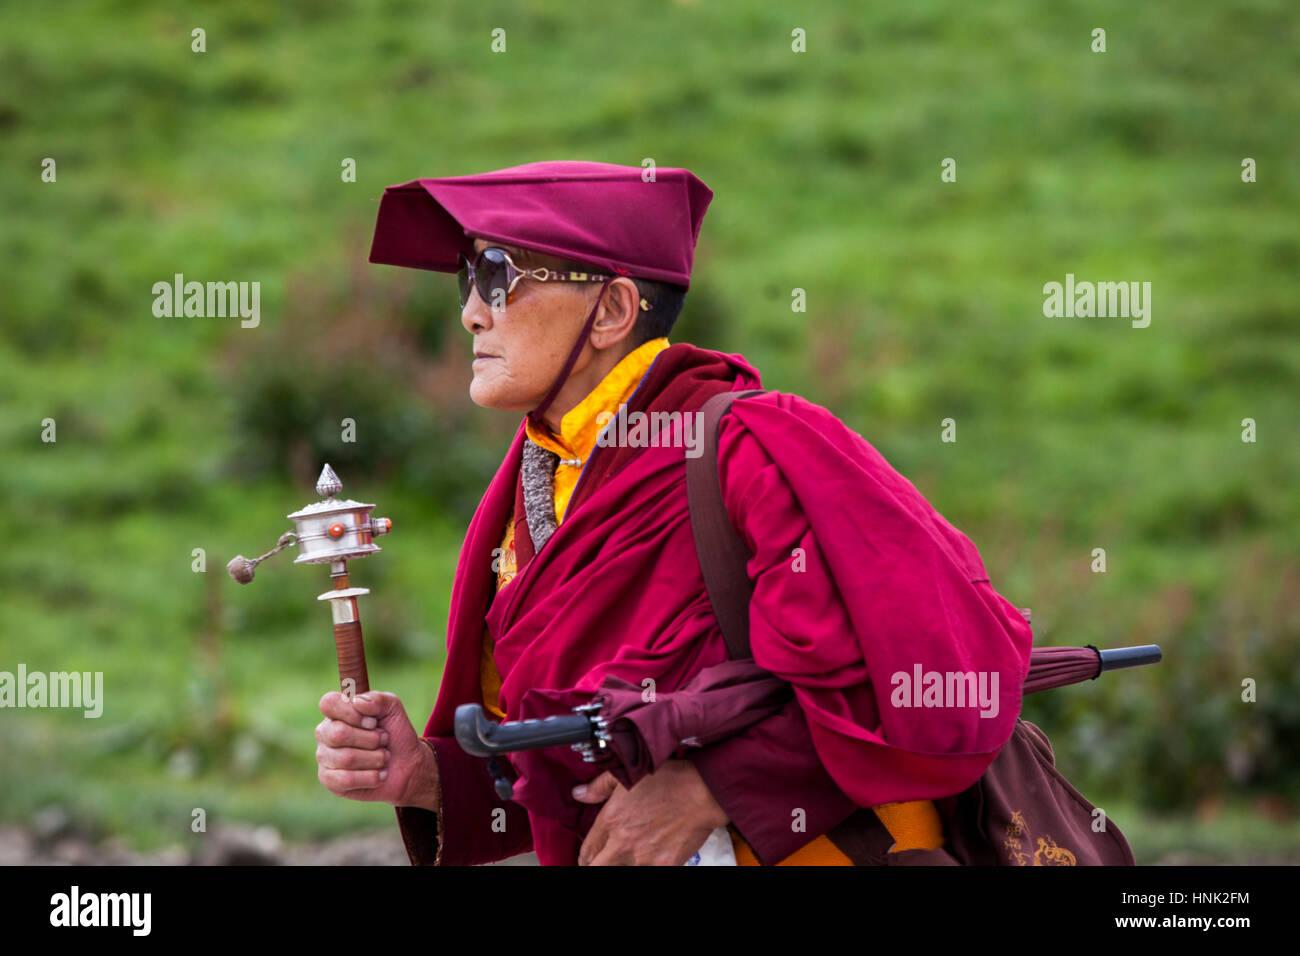 Le monache e monaci partecipare a rituali di preghiera a Tagong tibetano monastero buddista. Immagini Stock